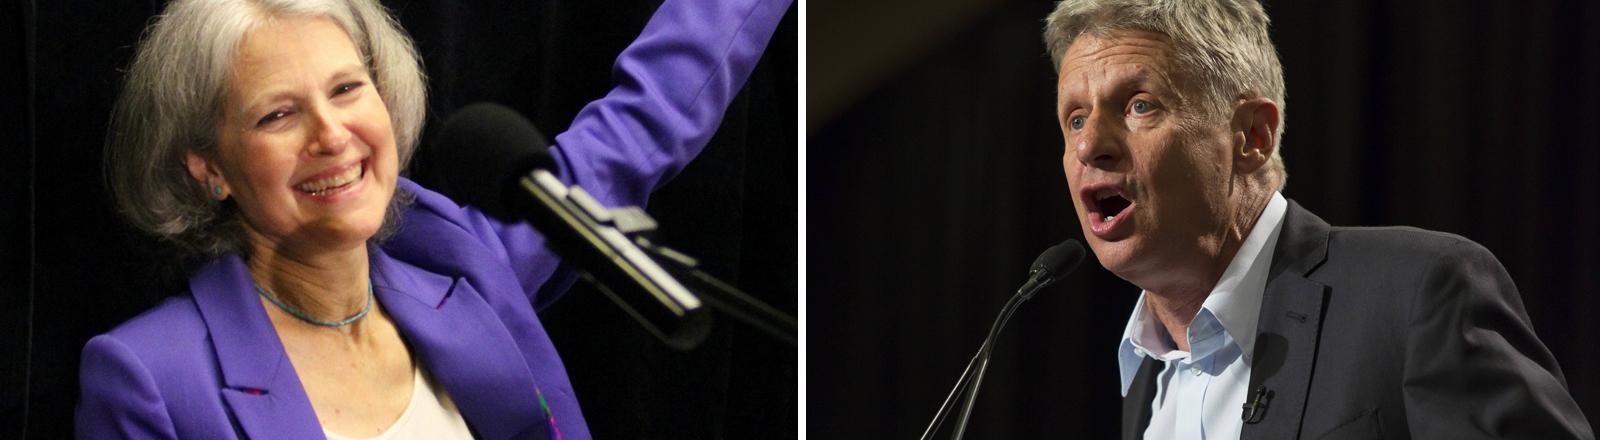 Bildmontage: Jill Stein und Gary Johnson